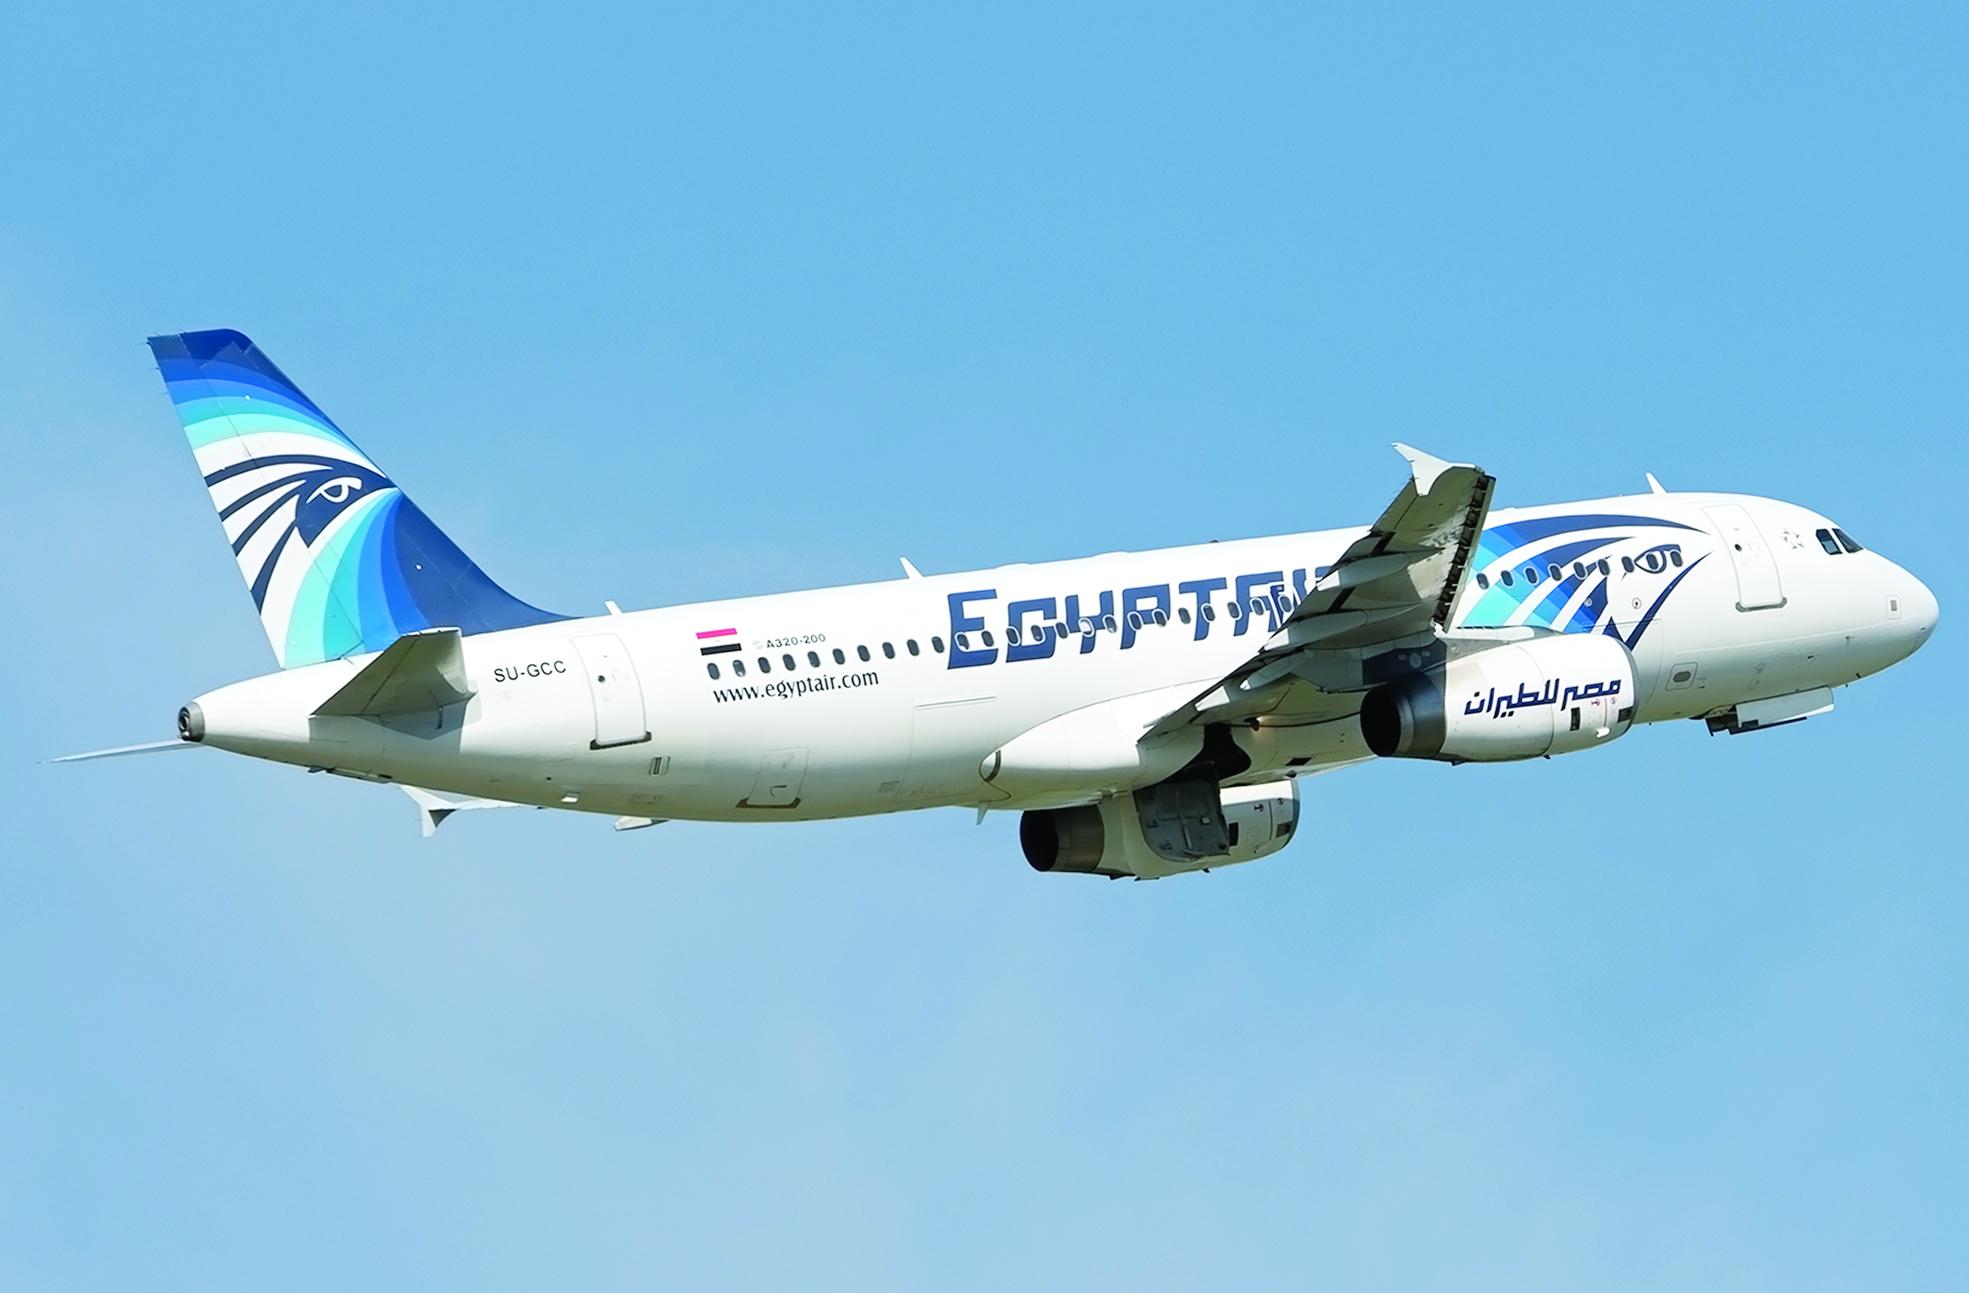 طائرة مصر المنكوبة.. أسرار وحكايات جديدة